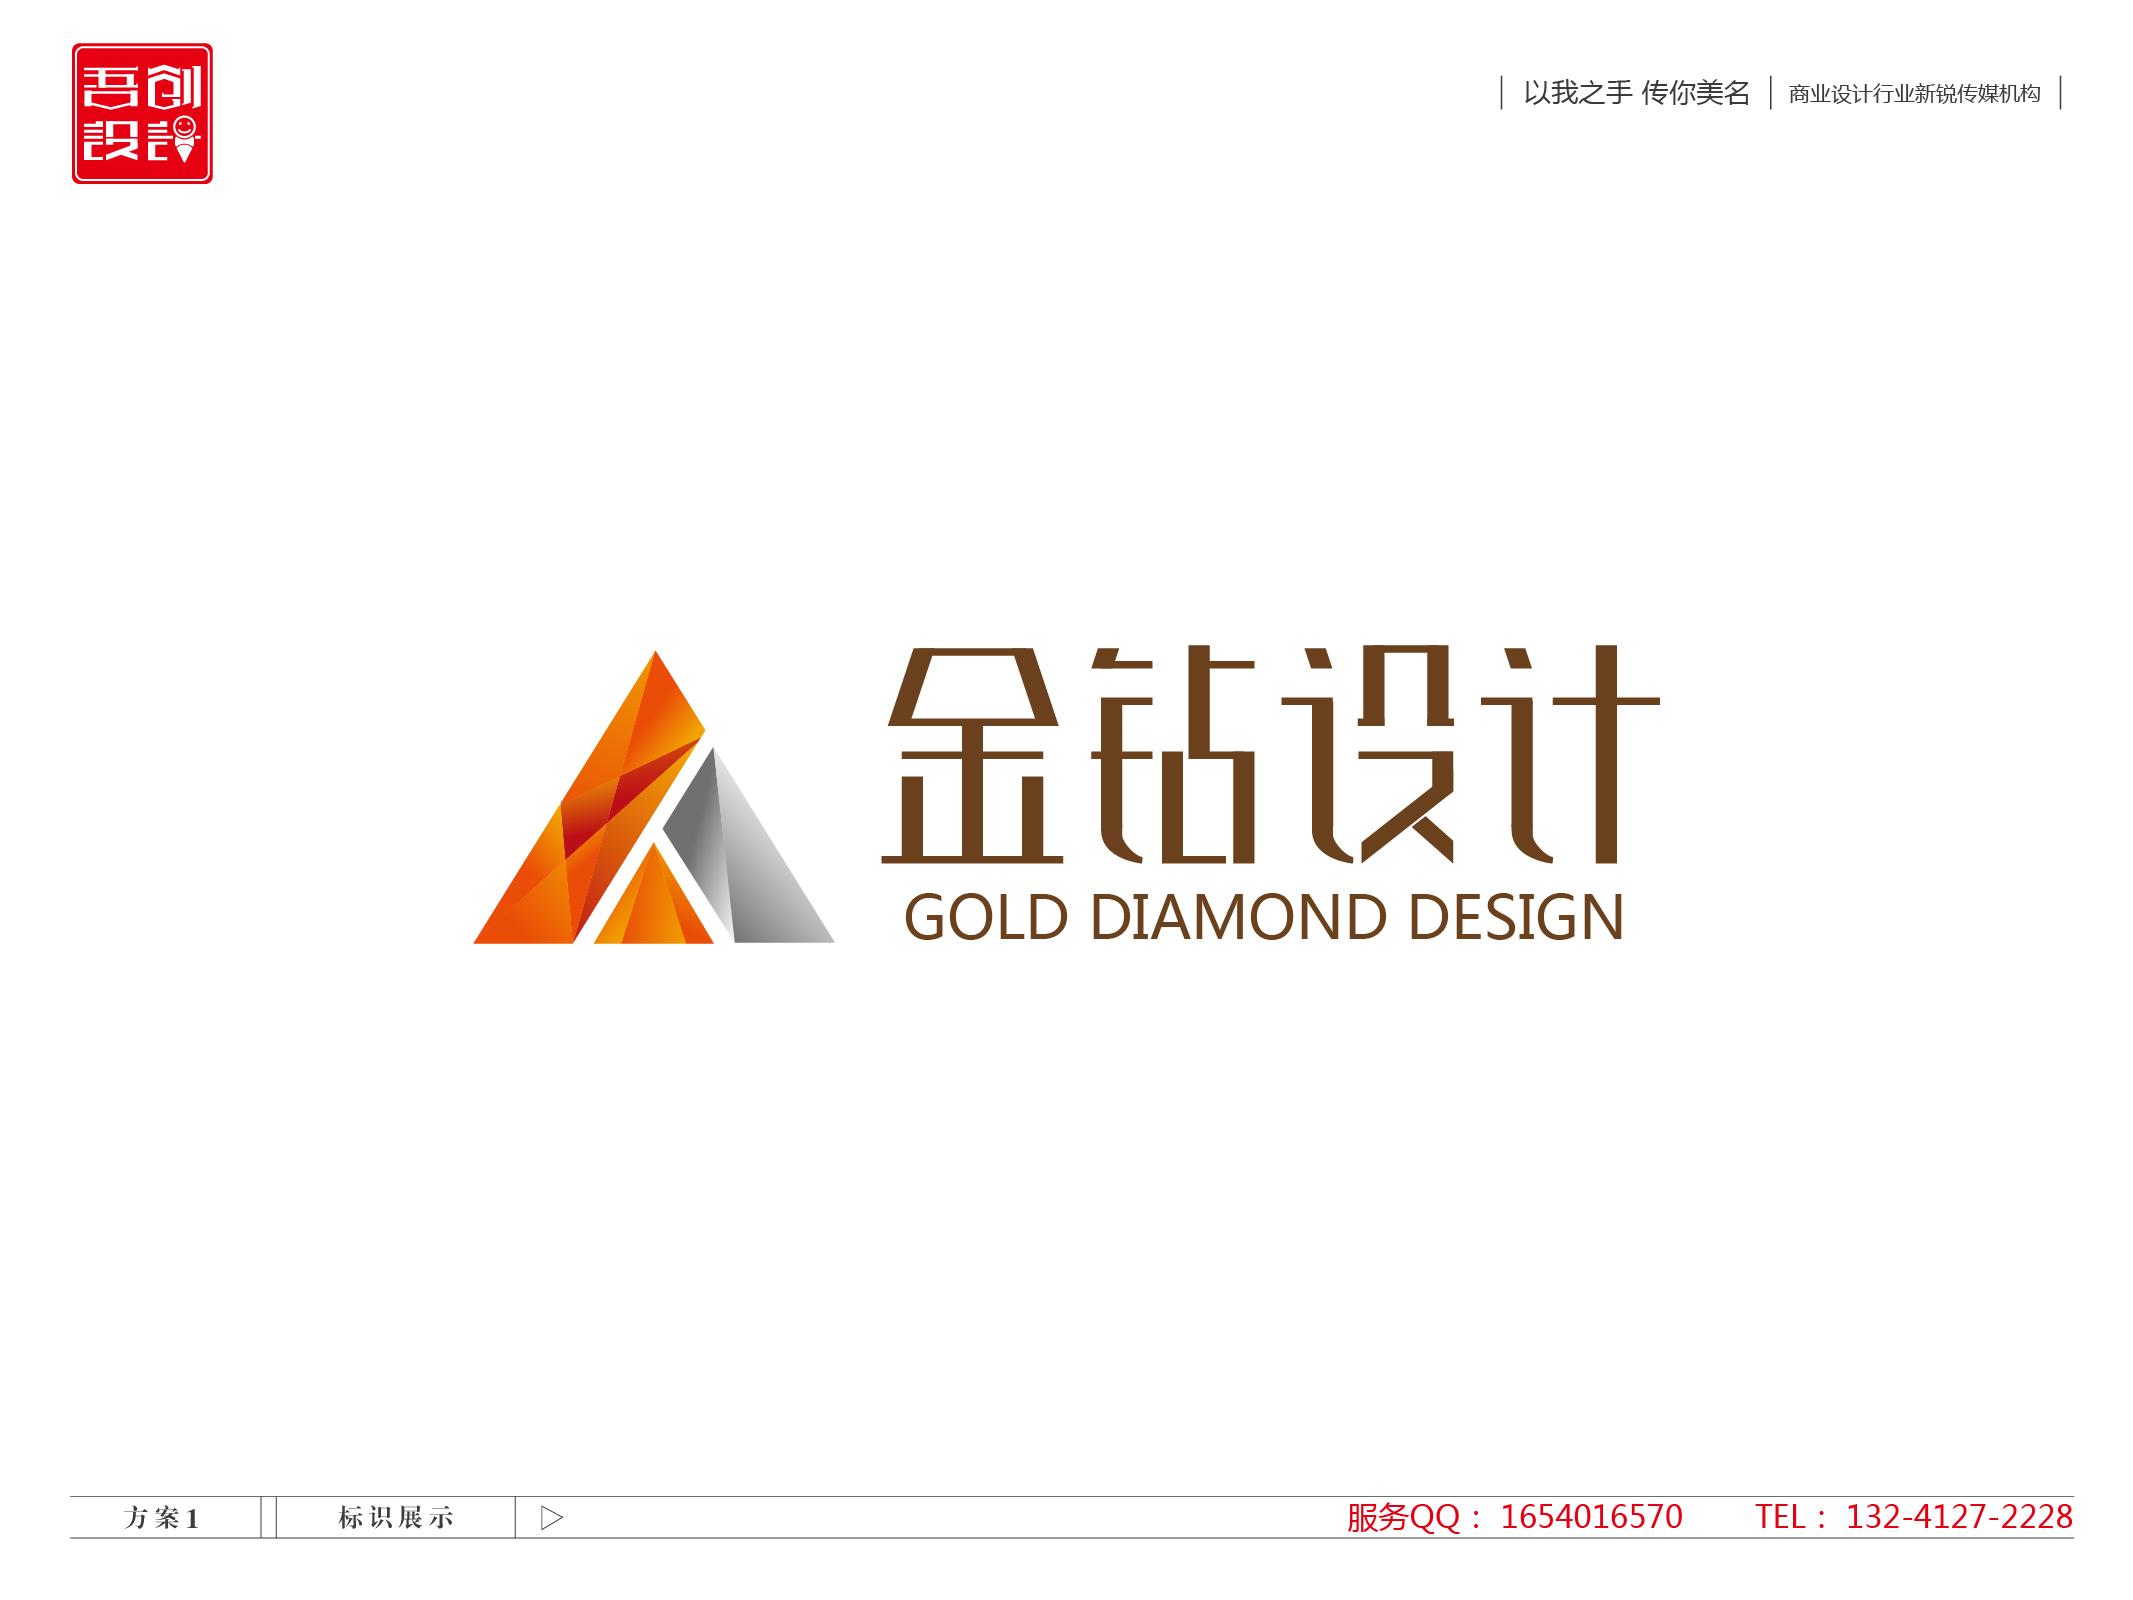 建筑装饰公司标志logo设计